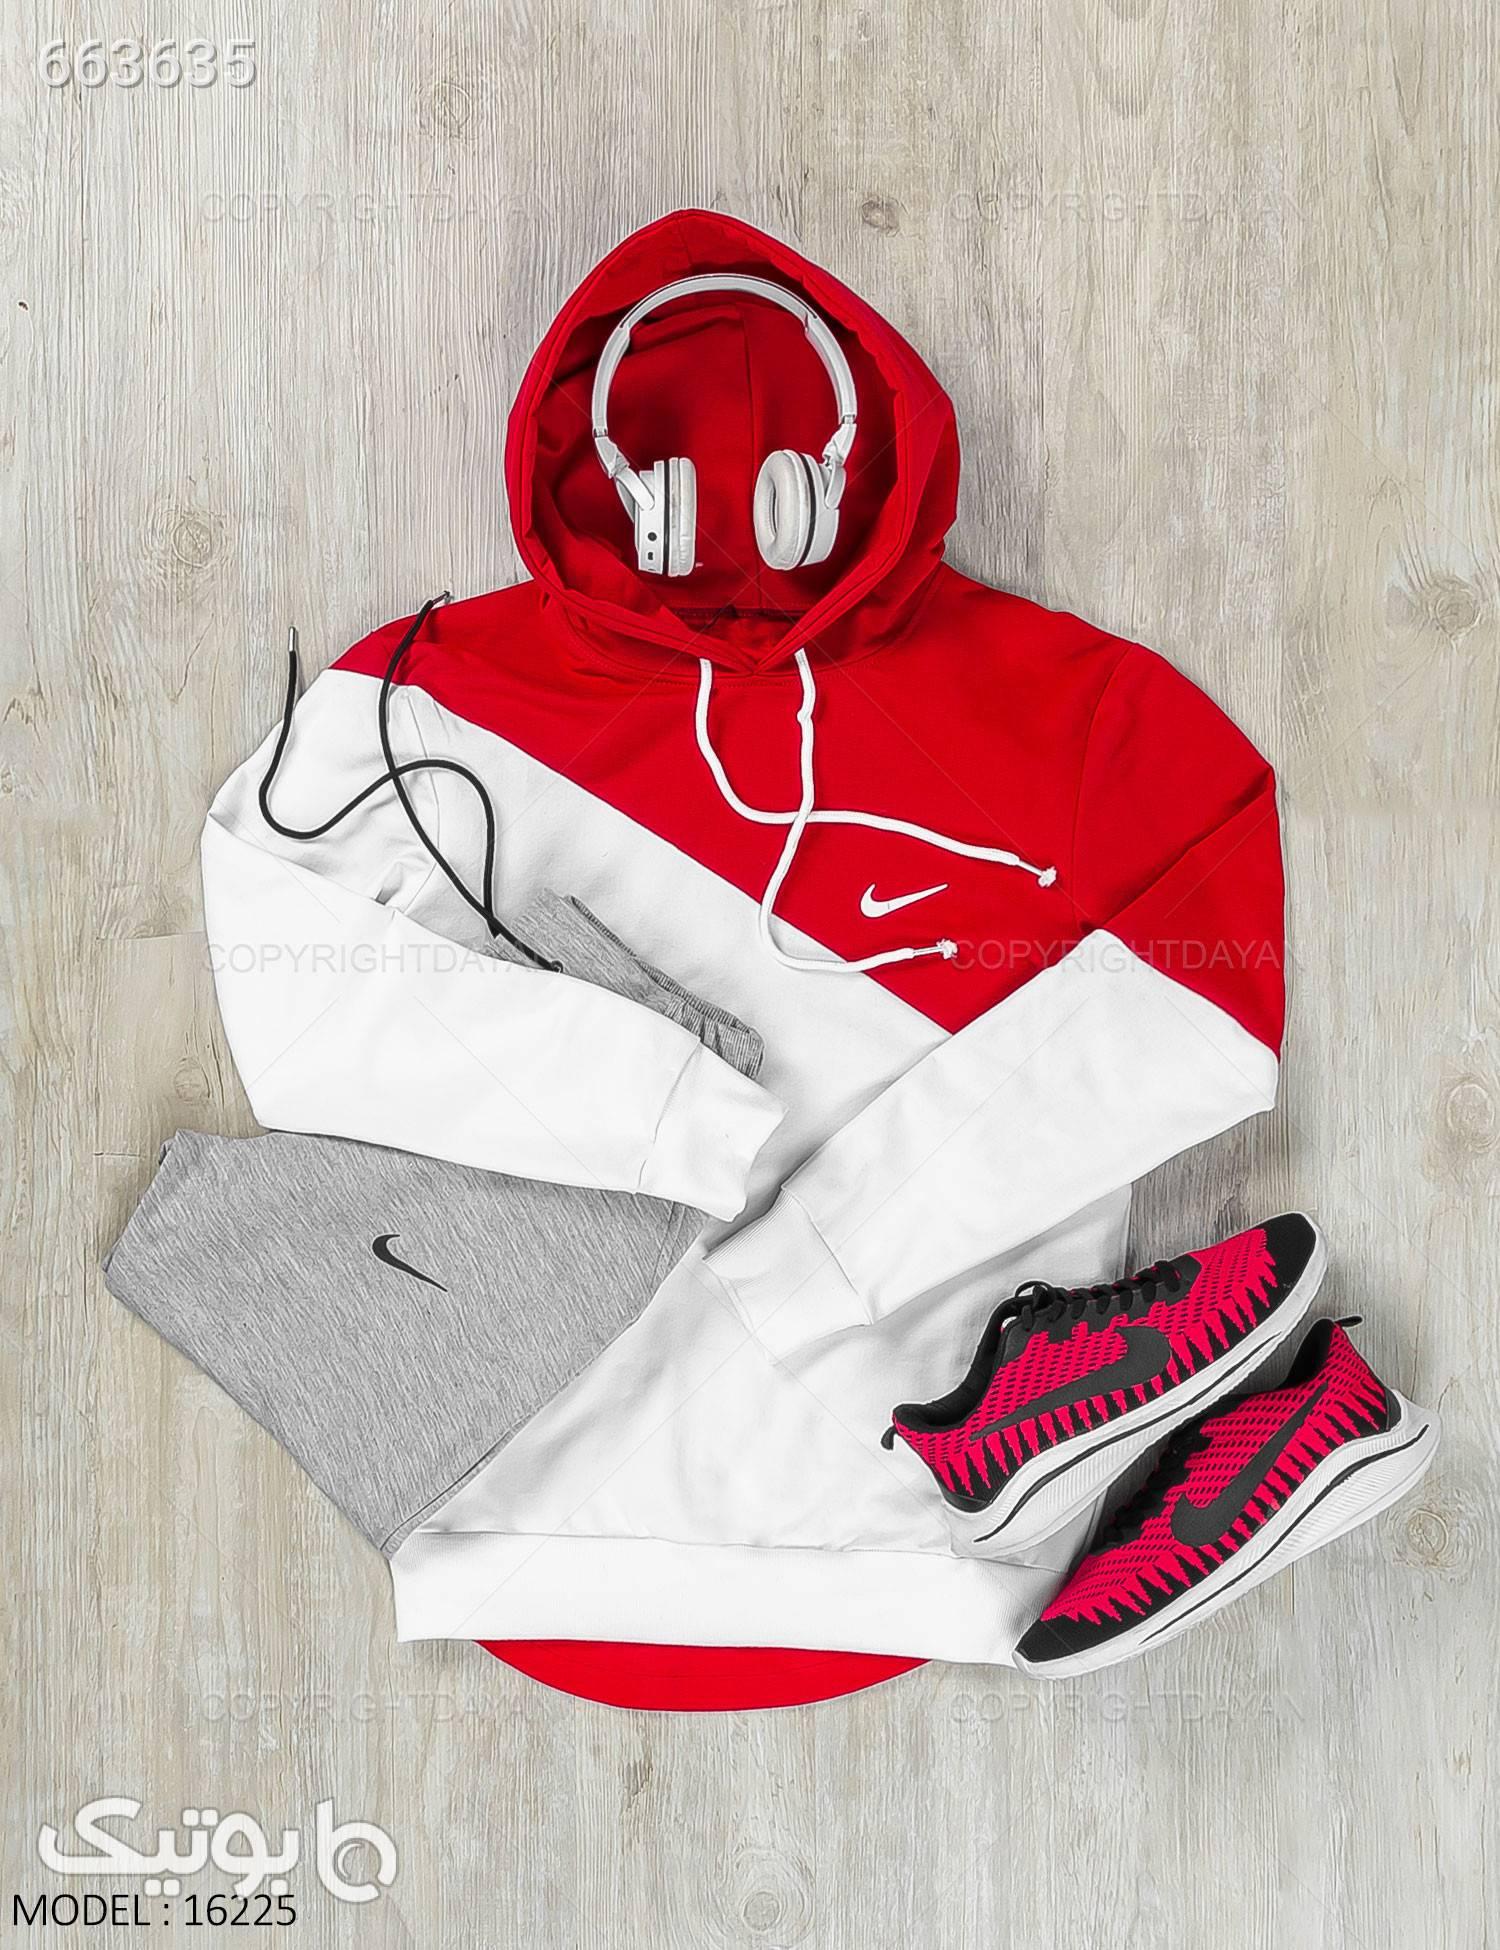 ست سویشرت و شلوار مردانه Nike مدل 16225 قرمز سوئیشرت و هودی مردانه